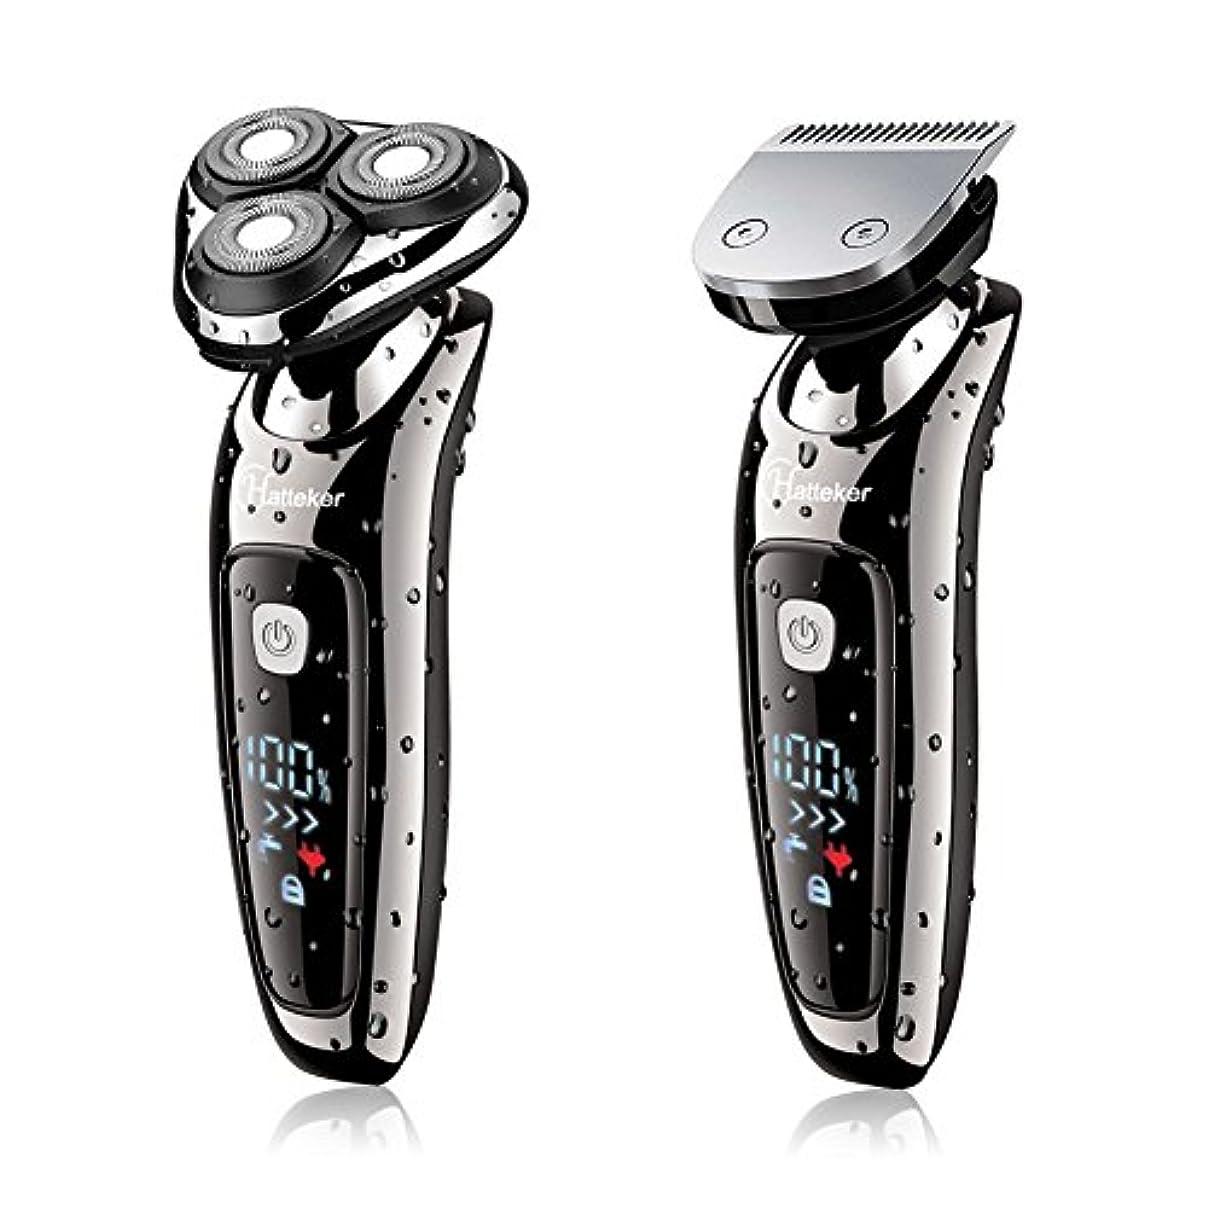 メダル短くする波HATTEKER 電気シェーバー メンズ ひげ剃り充電式·交流式 バリカン/ヒゲ トリマーヘッド付き LEDディスプレイ 水洗いOK